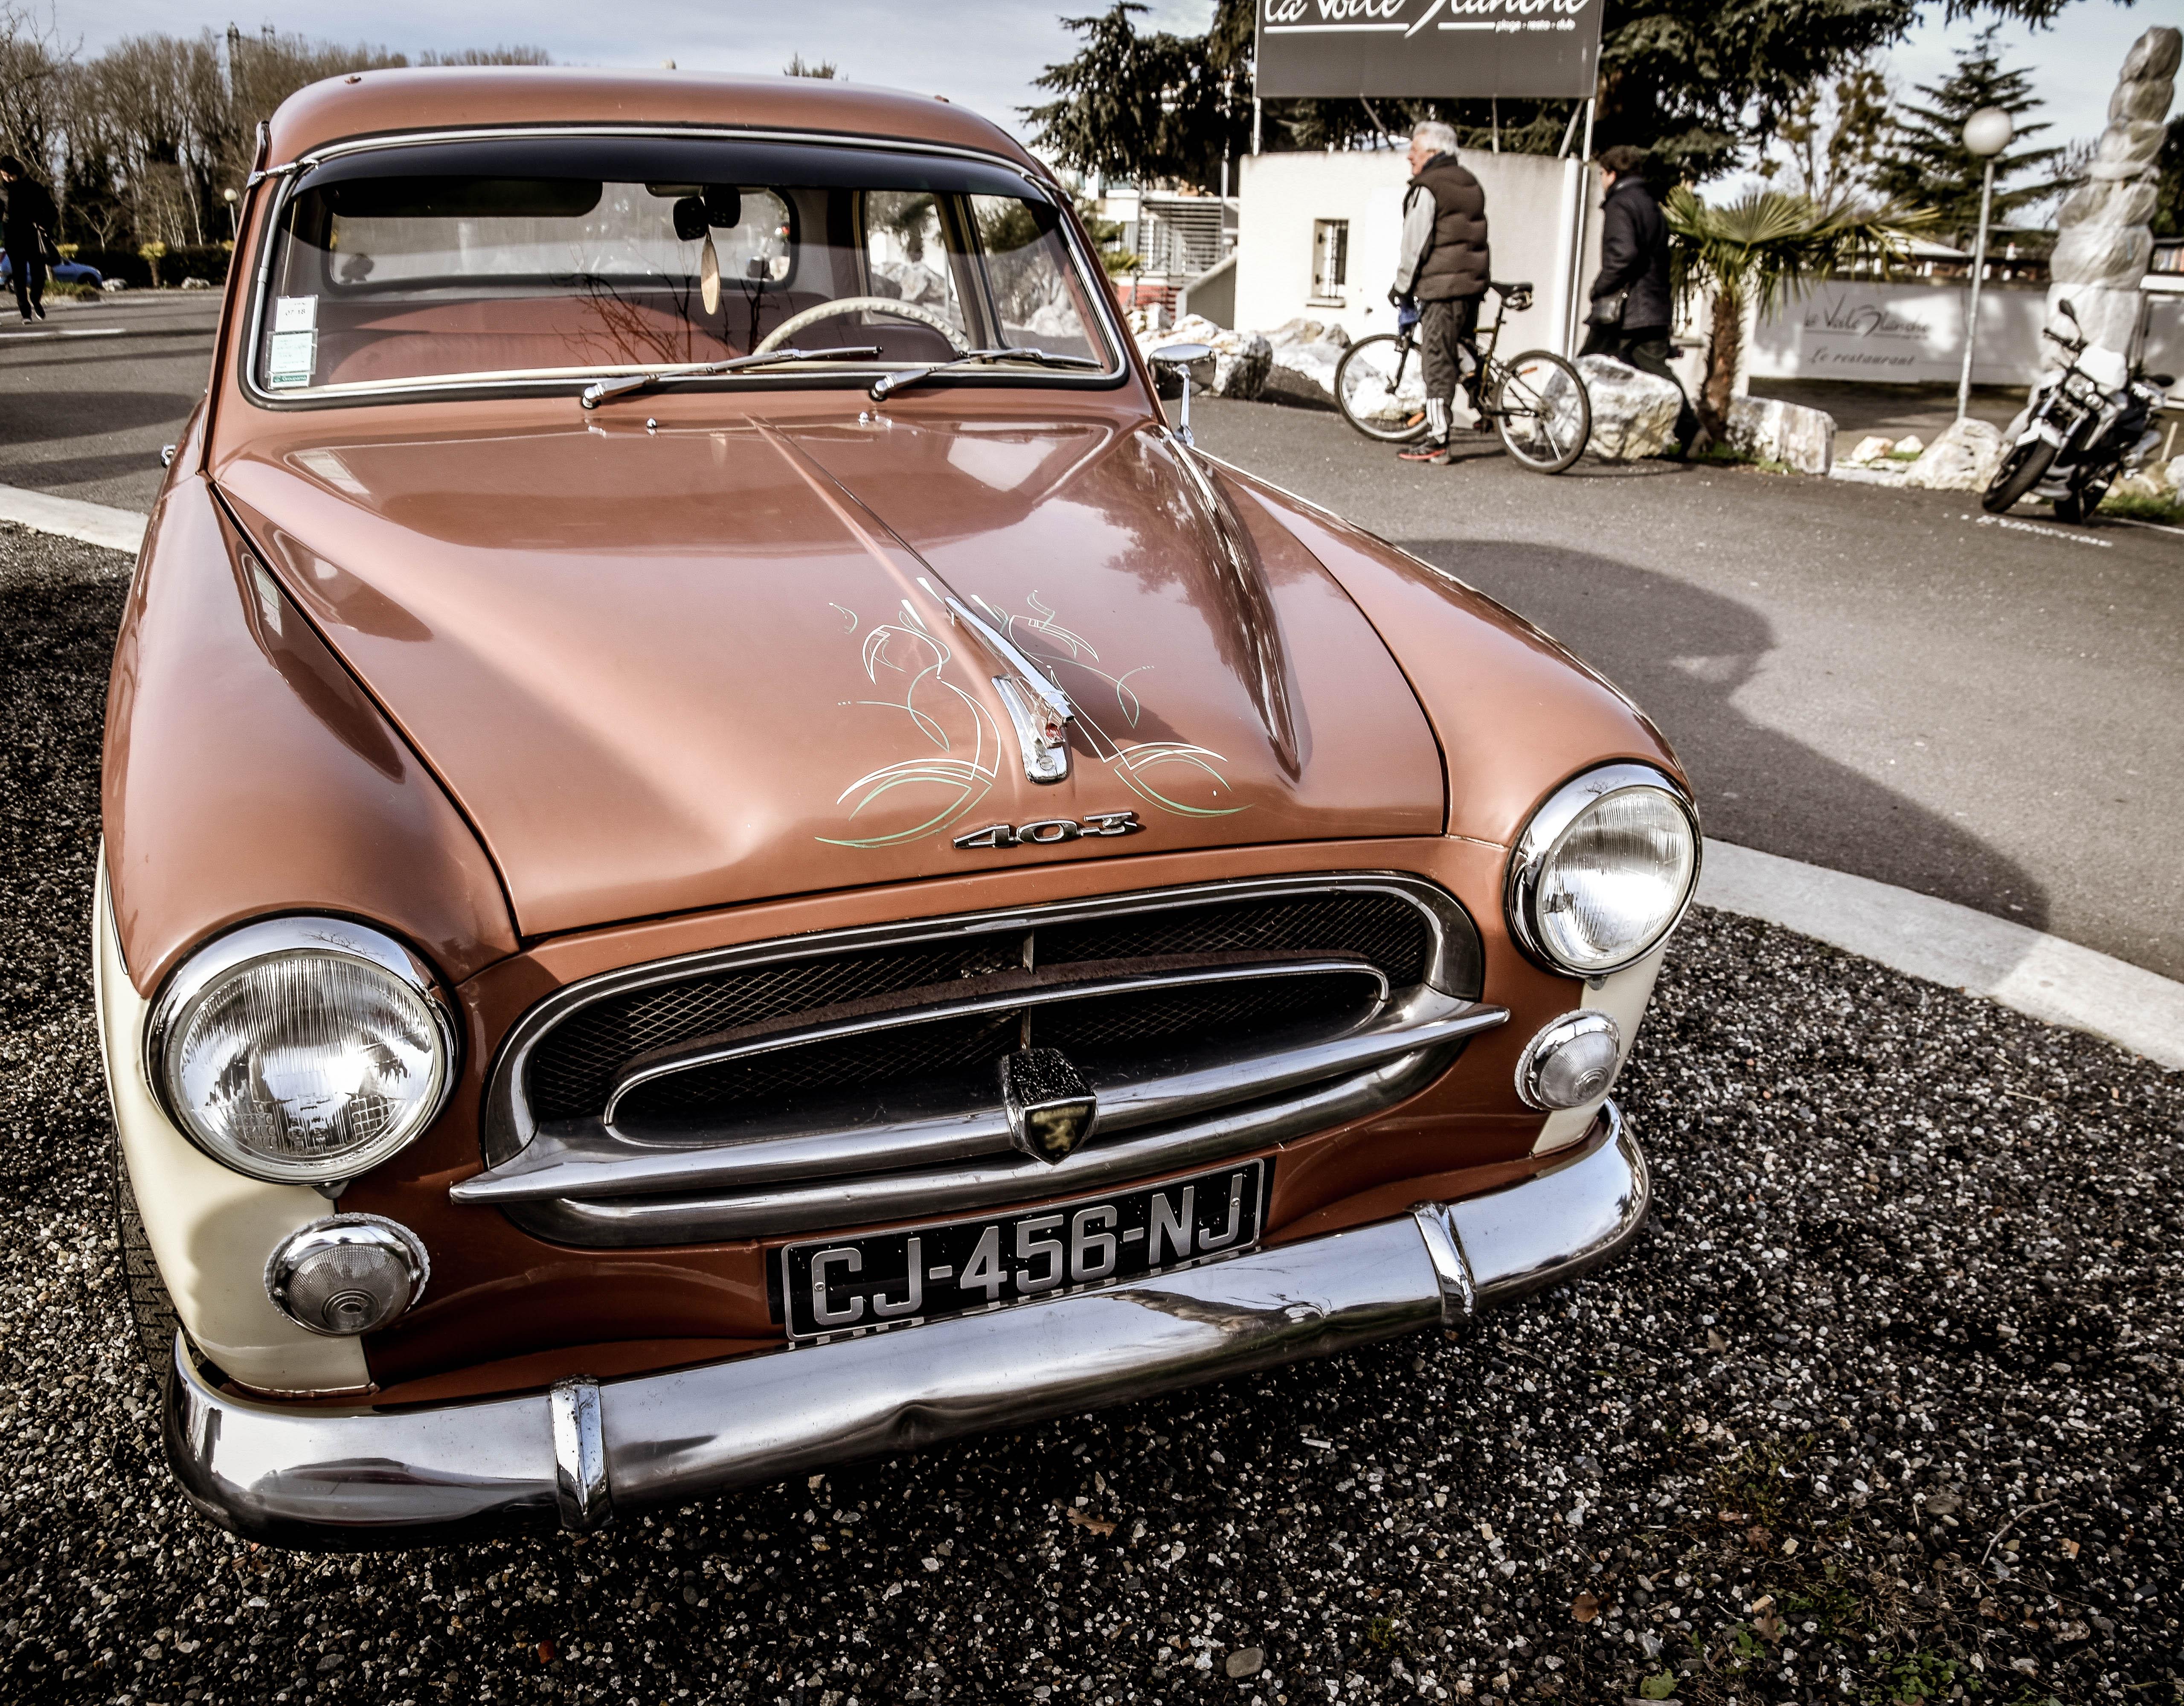 wallpaper old france french vintage car classic car. Black Bedroom Furniture Sets. Home Design Ideas